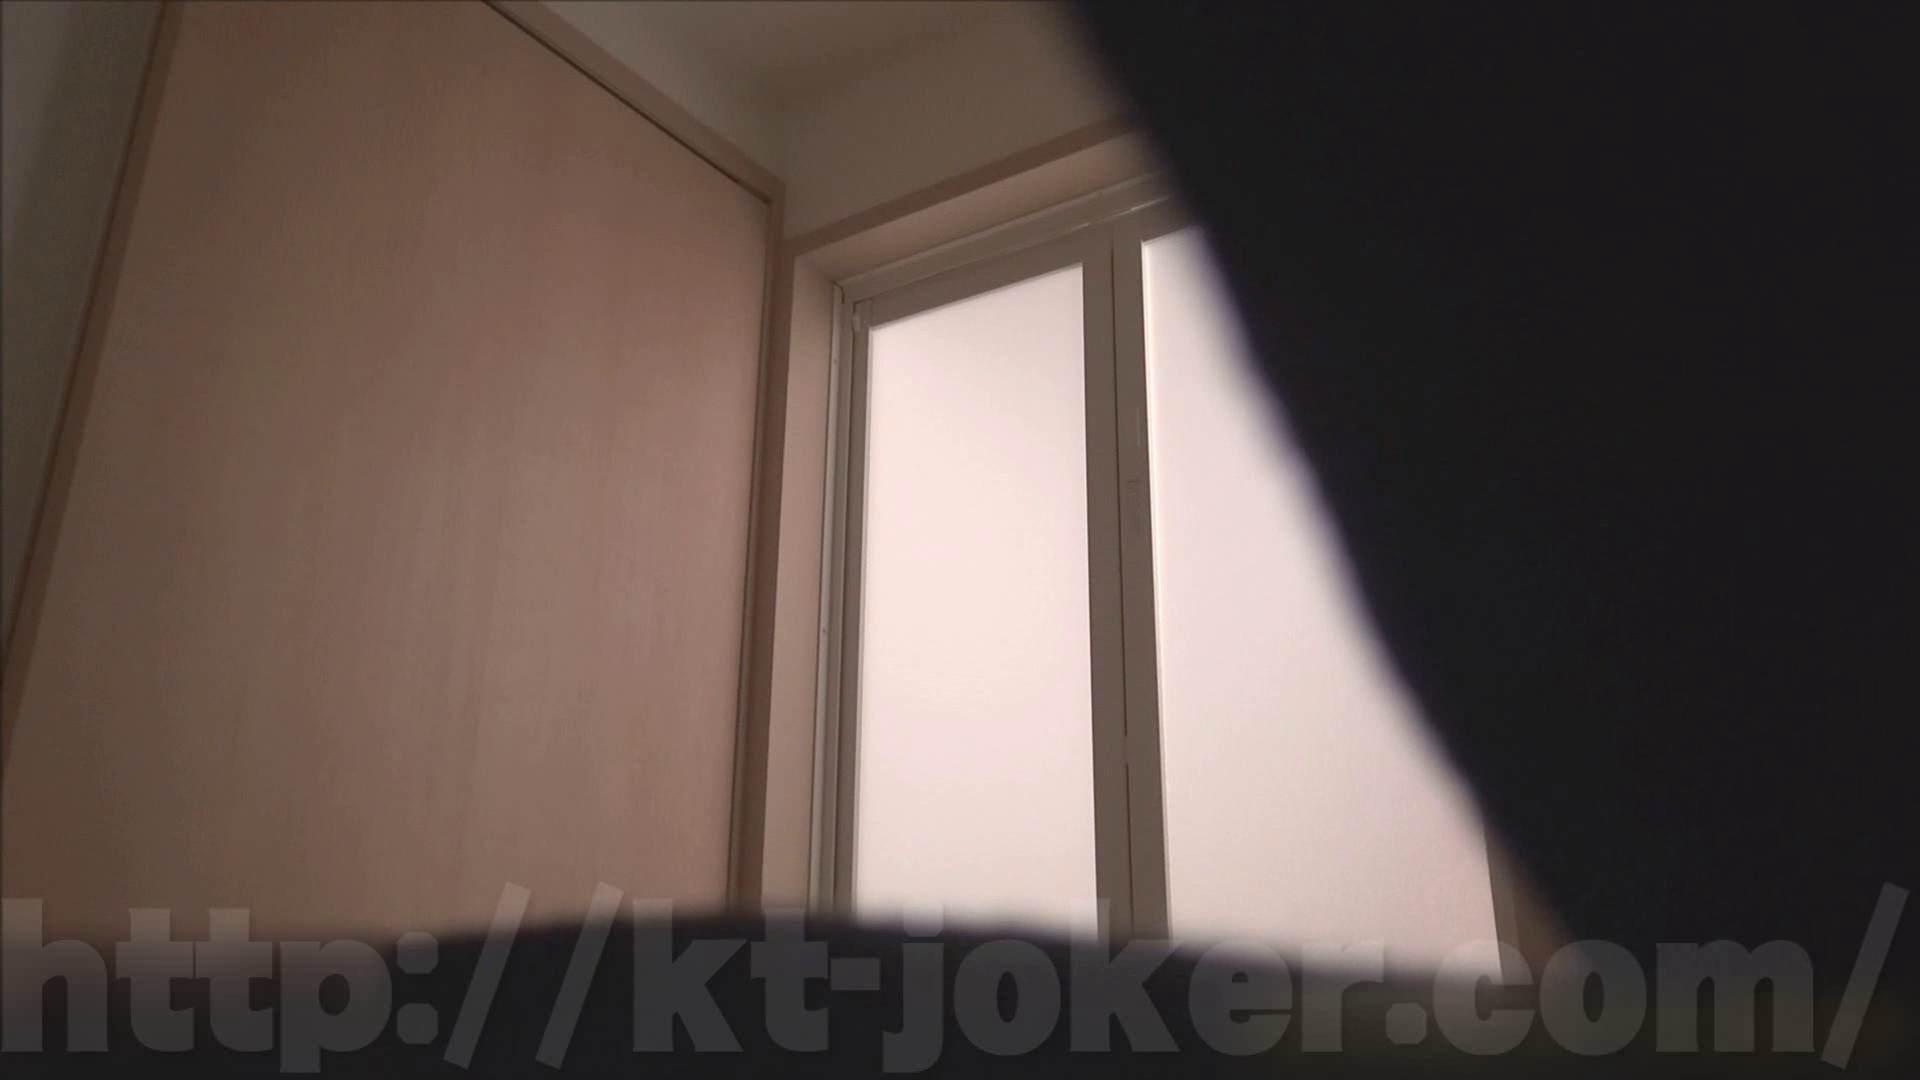 イ・タ・ズ・ラ劇場 Vol.46 キャバ嬢のエロ生活 われめAV動画紹介 108連発 43